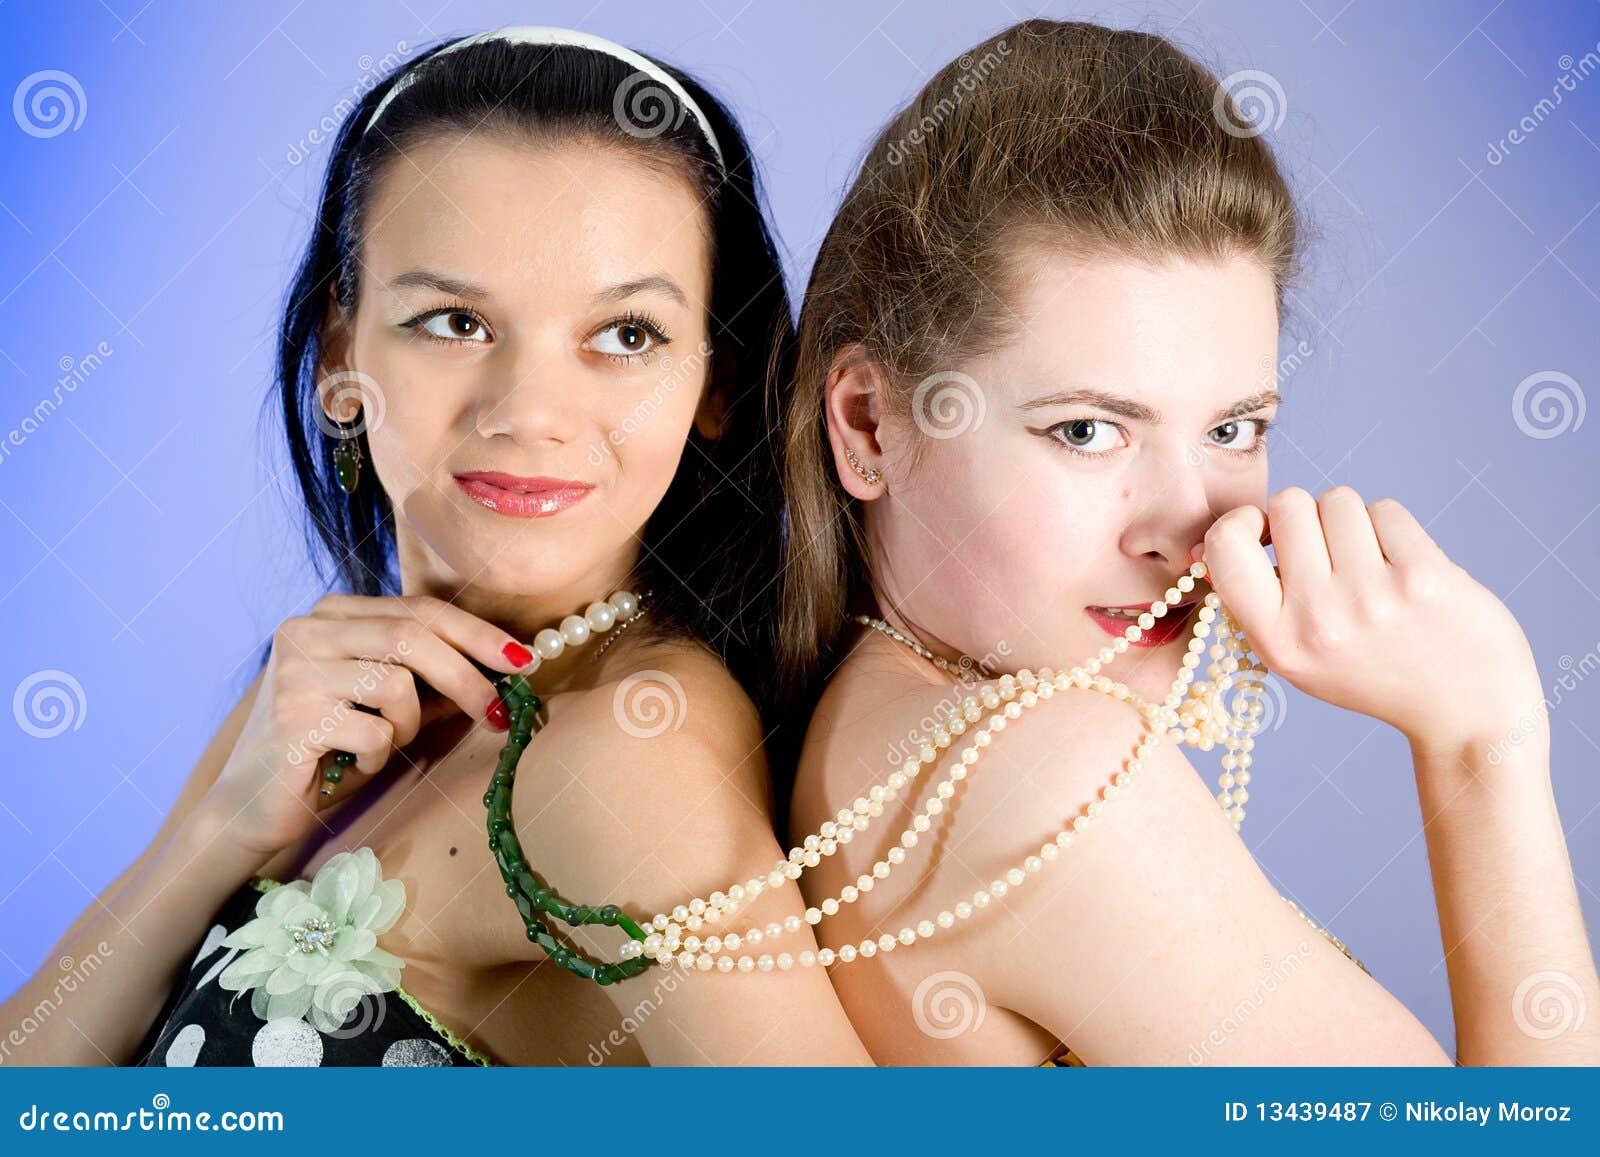 Photo of beautiful girls